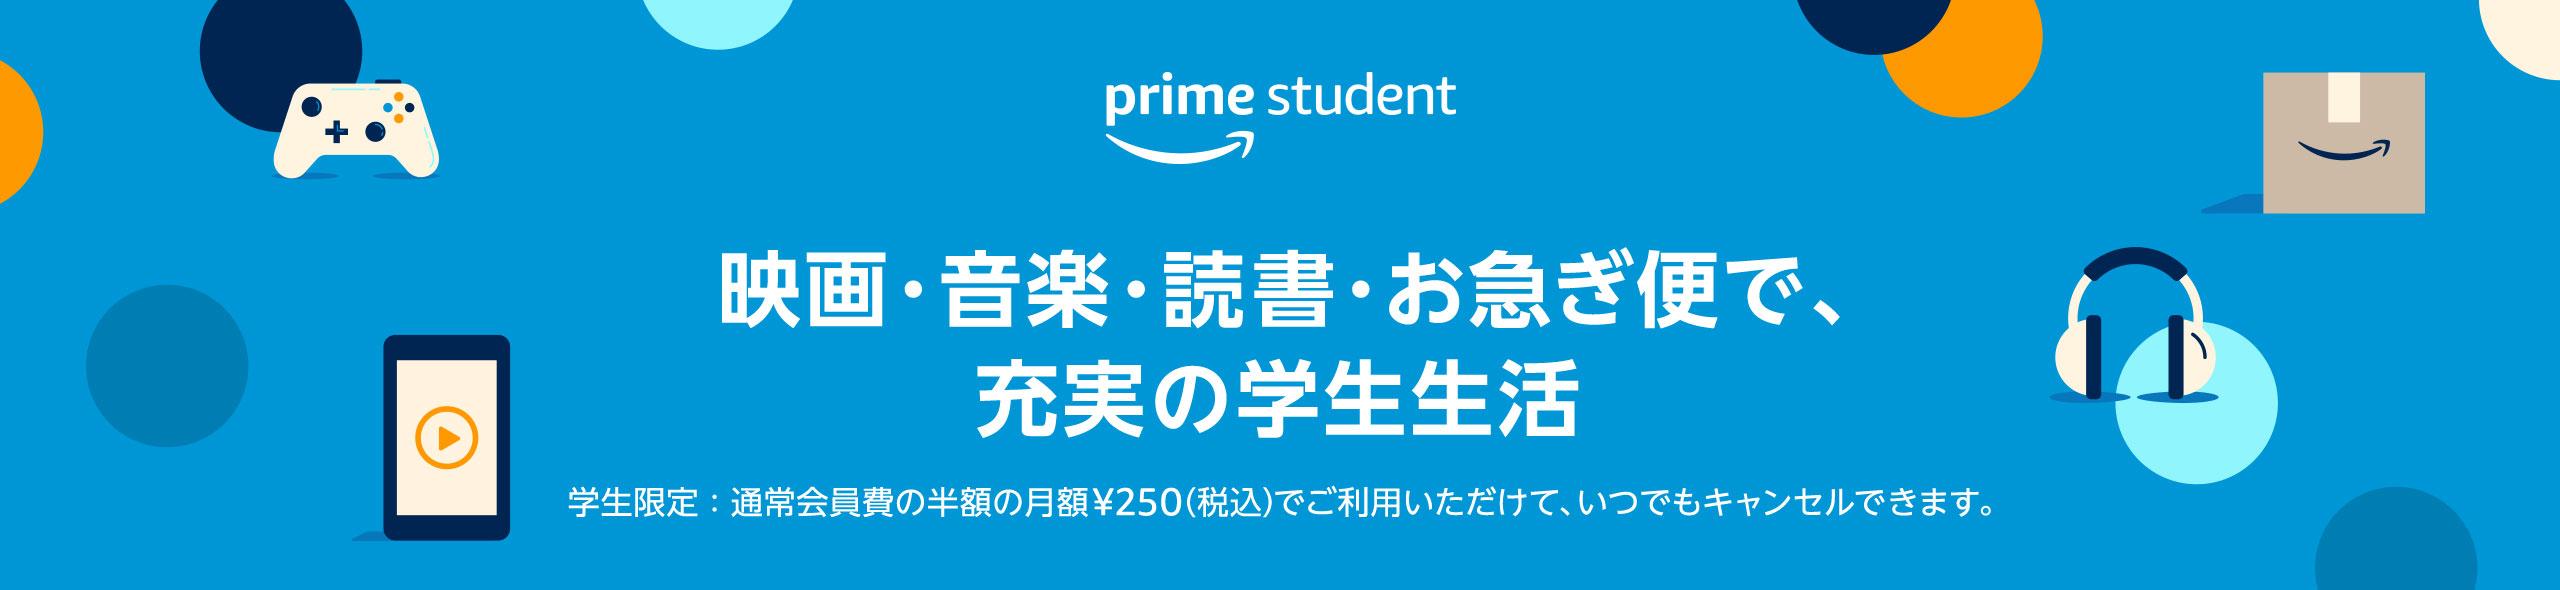 映画や音楽そのほか特典がたくさん Prime Student